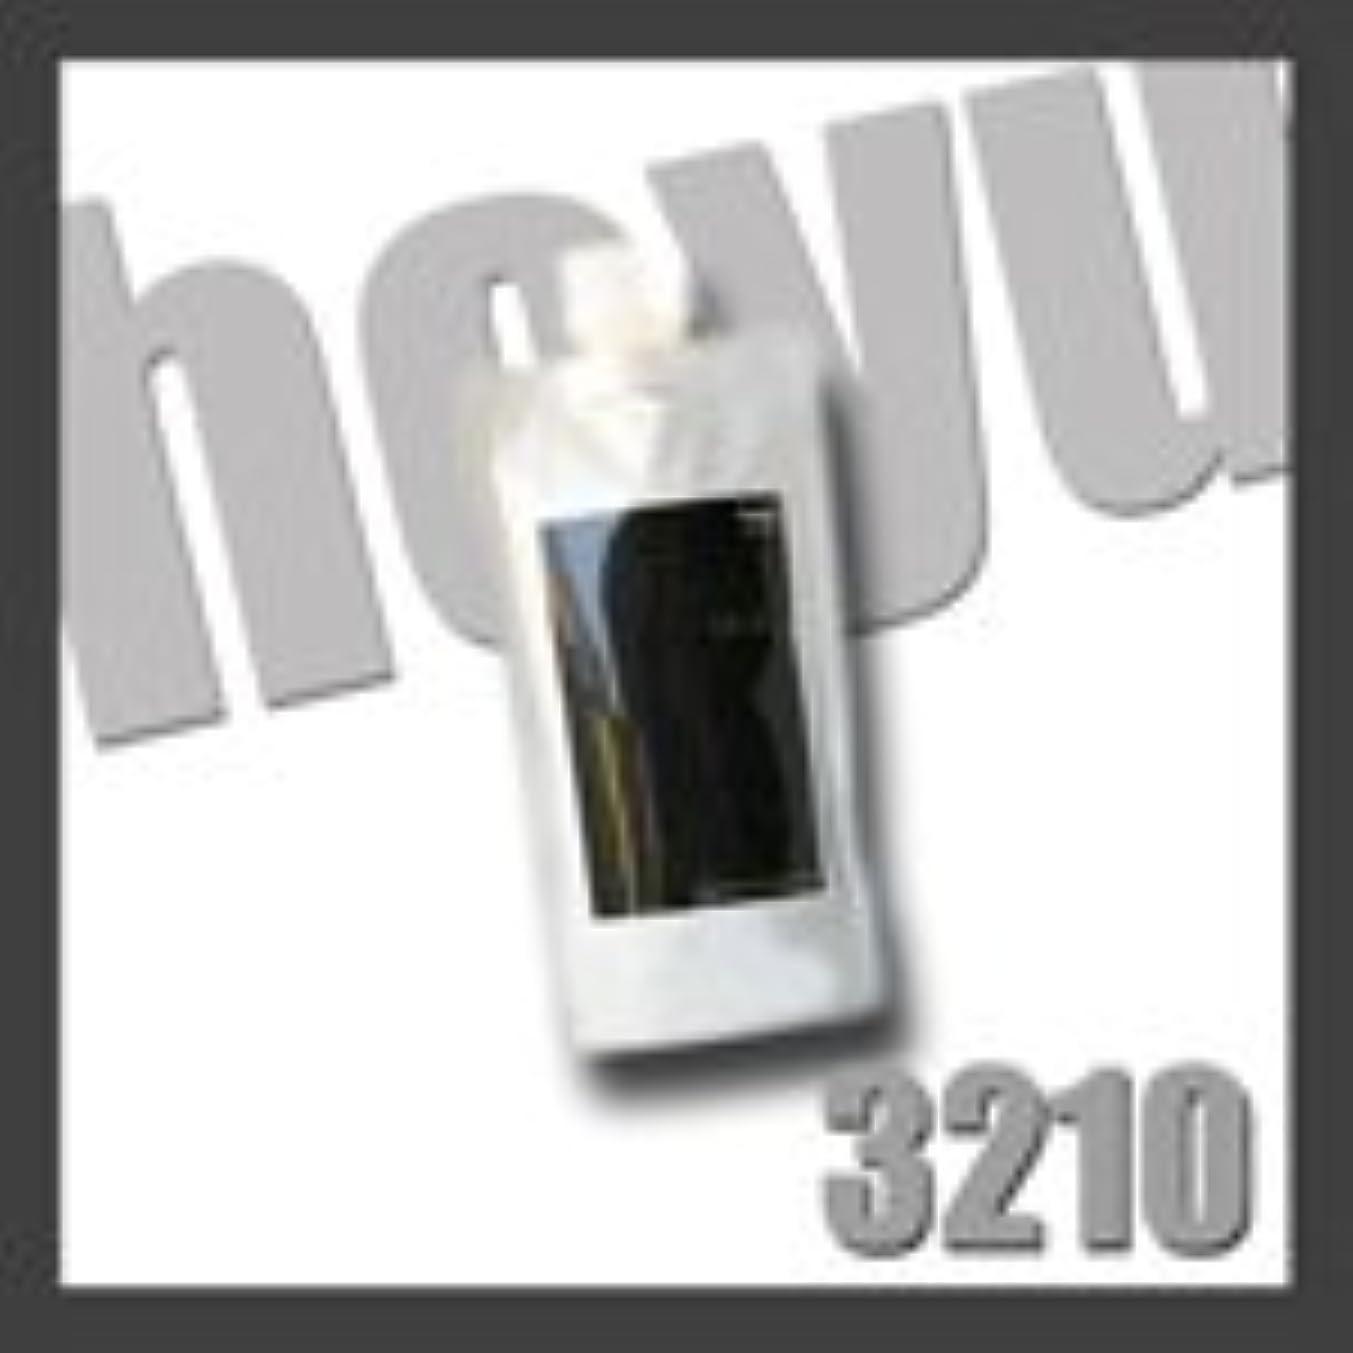 チャット儀式接辞HOYU ホーユー 3210 ミニーレ ウルトラハード ワックス レフィル 200g 詰替用 フィニッシュワークシリーズ